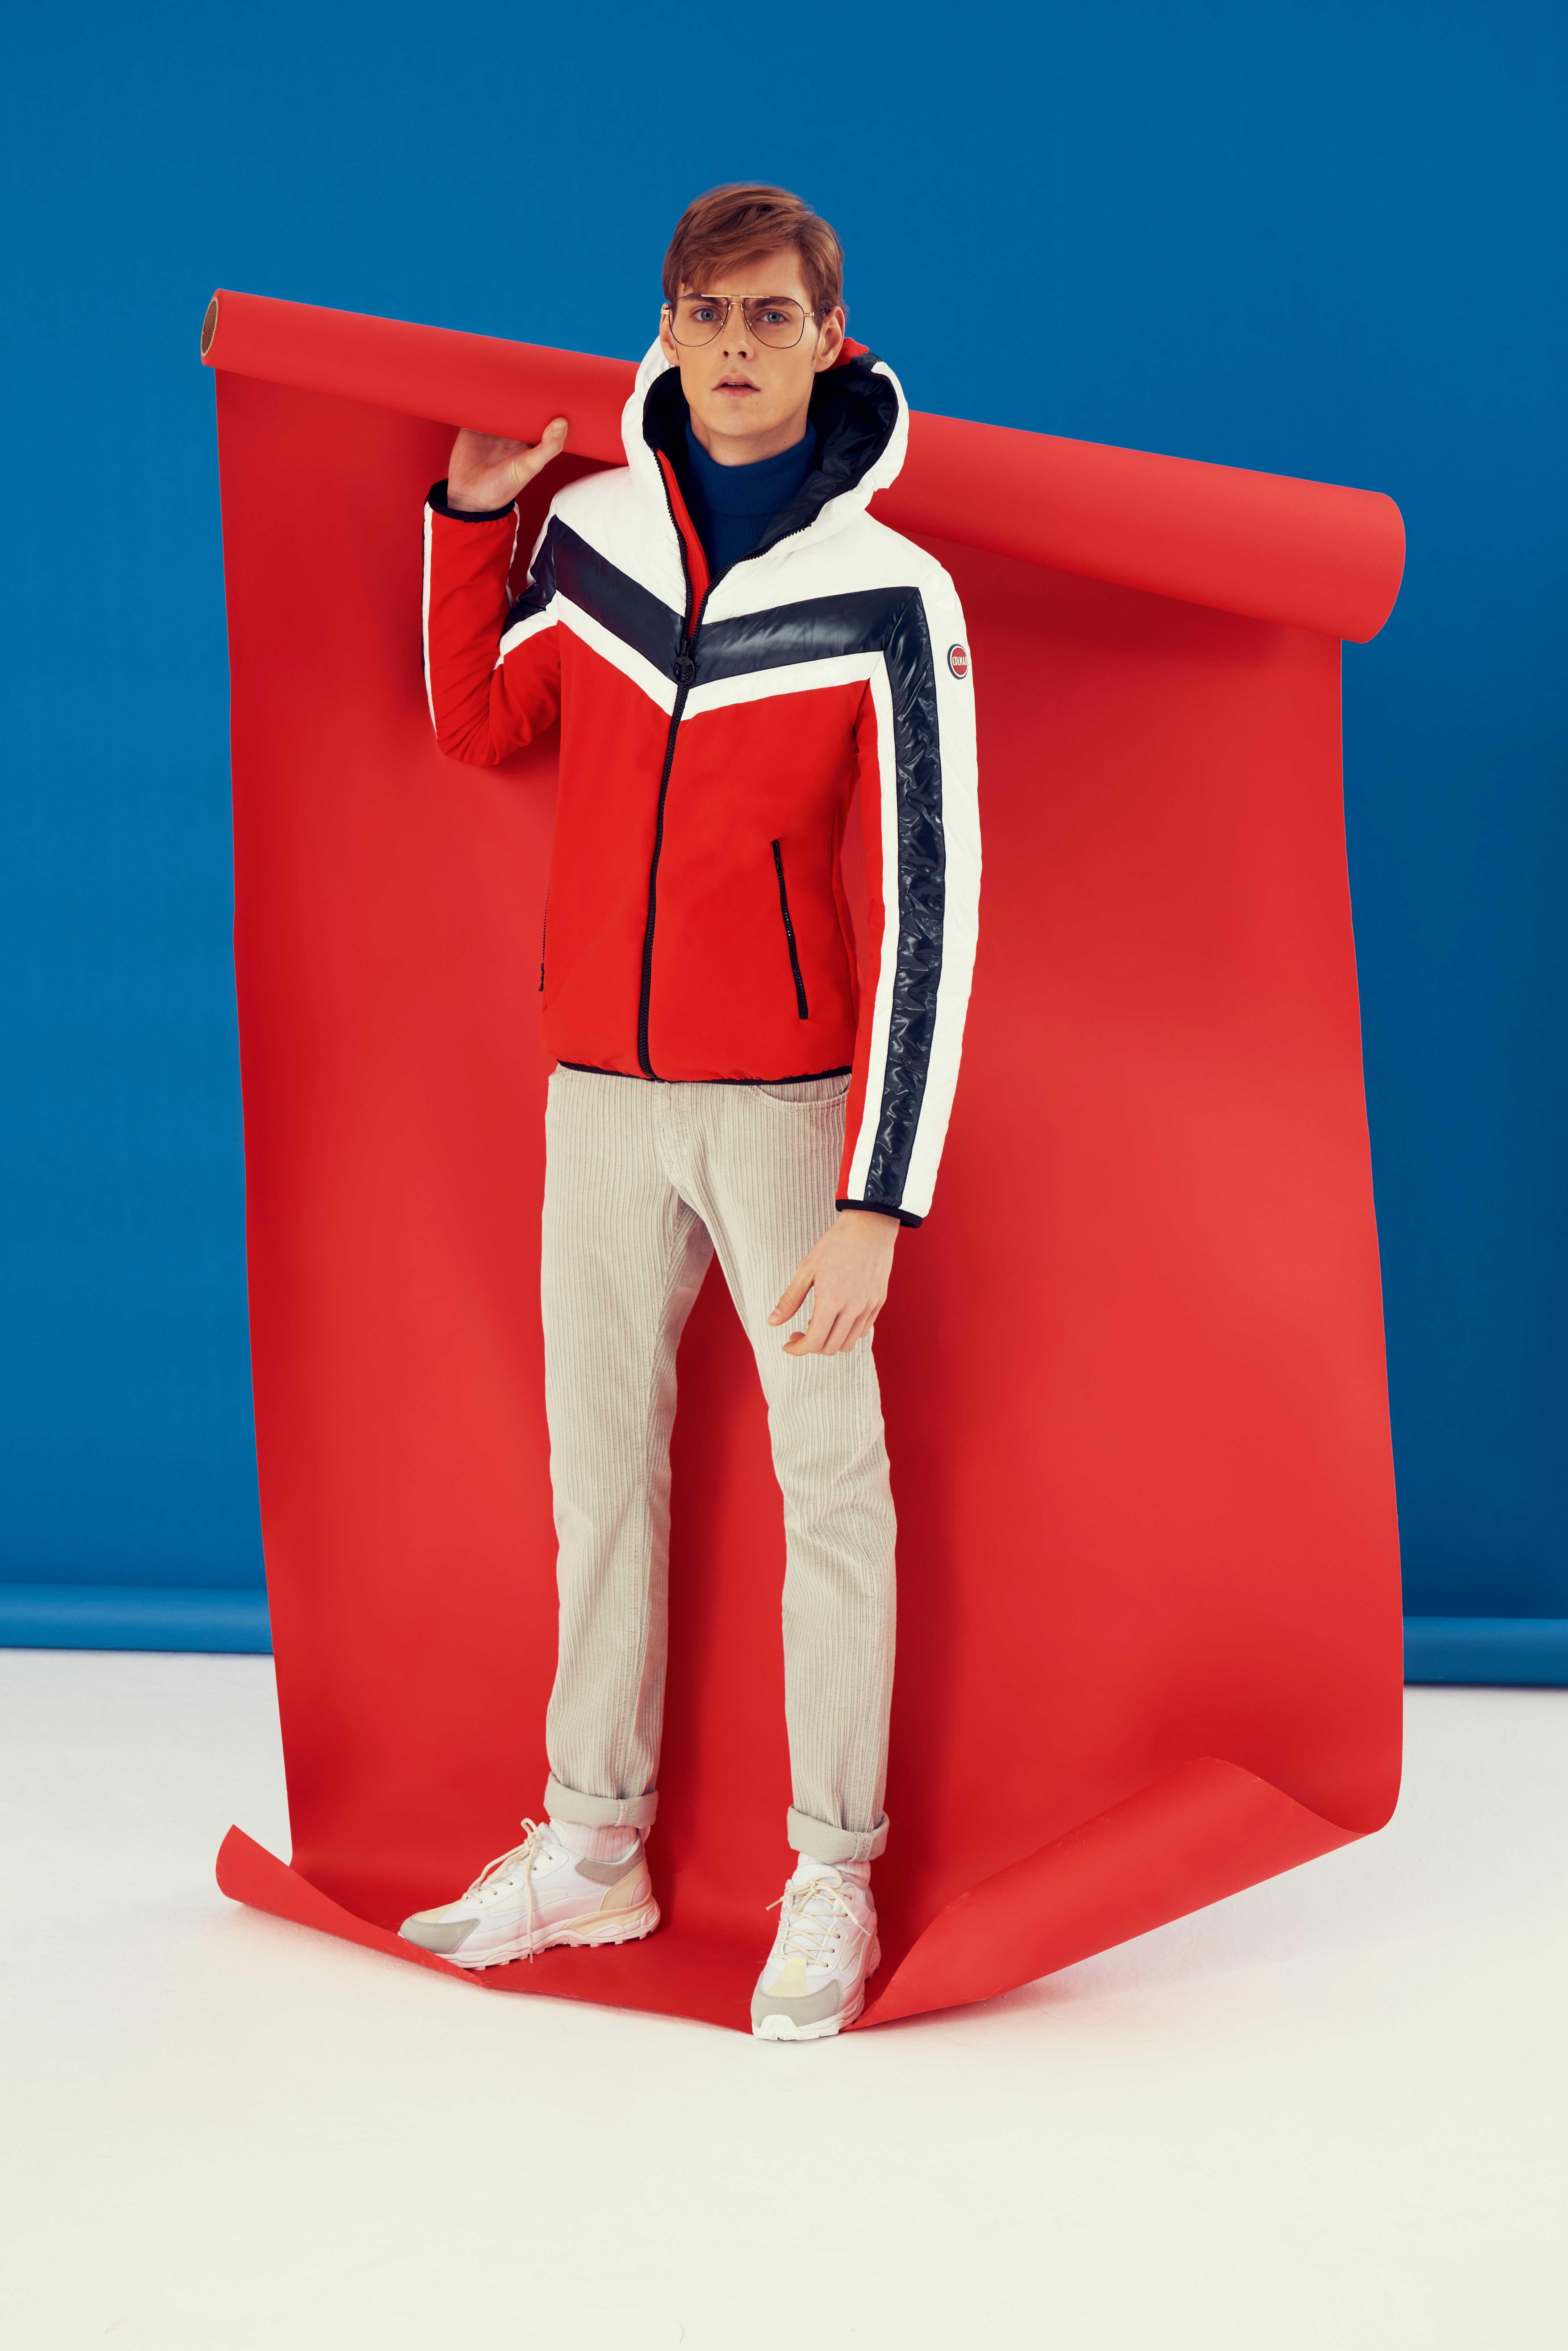 Tel un clin d'oeil aux années 80, la collection de vêtements de ski Originals by Originals de Colmar automne-hiver 2019 se distingue par ses couleurs vives.